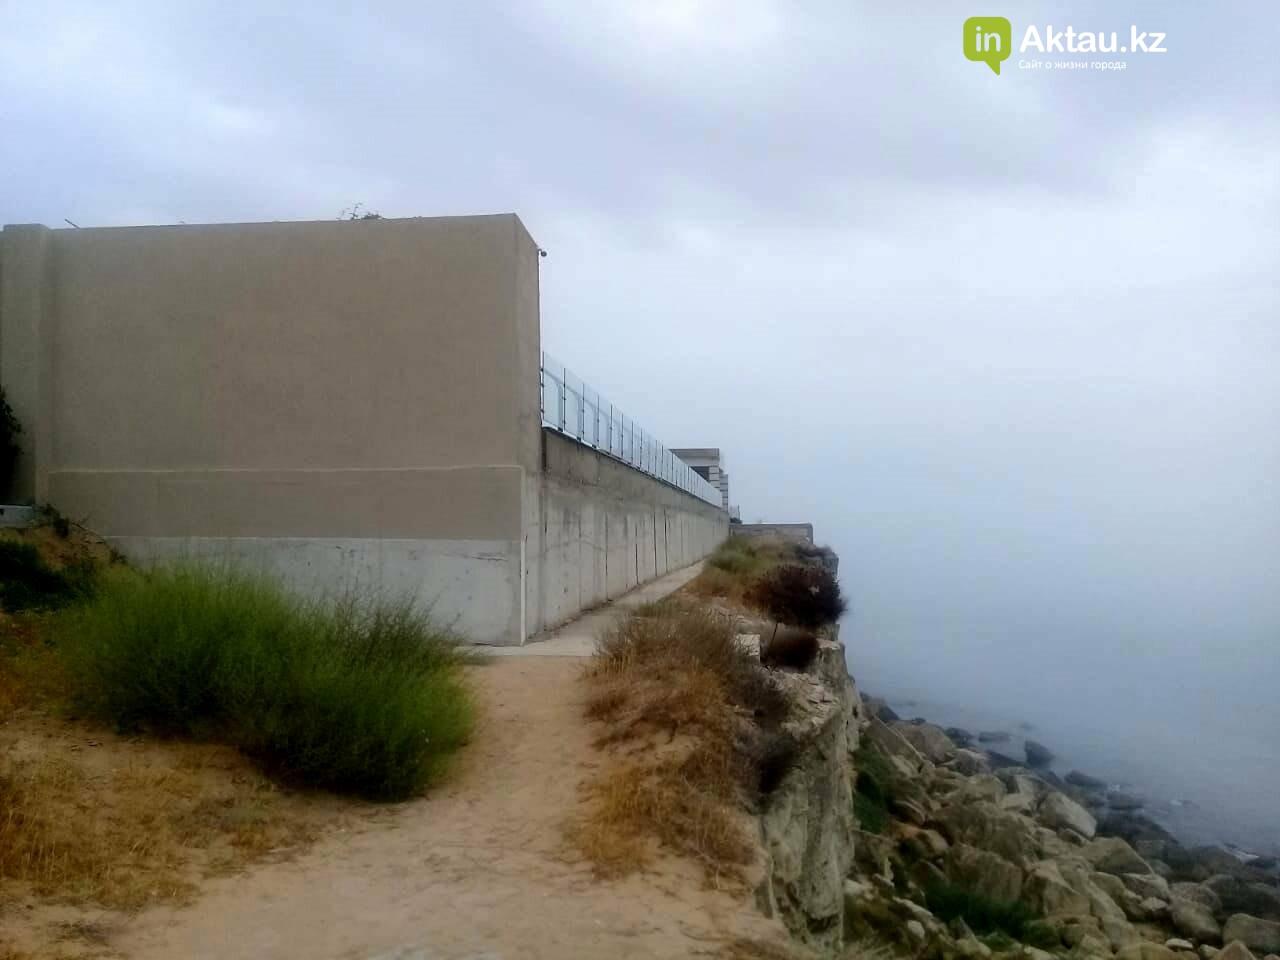 Владельцев особняков на скалах в Актау обязали освободить самовольно захваченные территории, фото-2